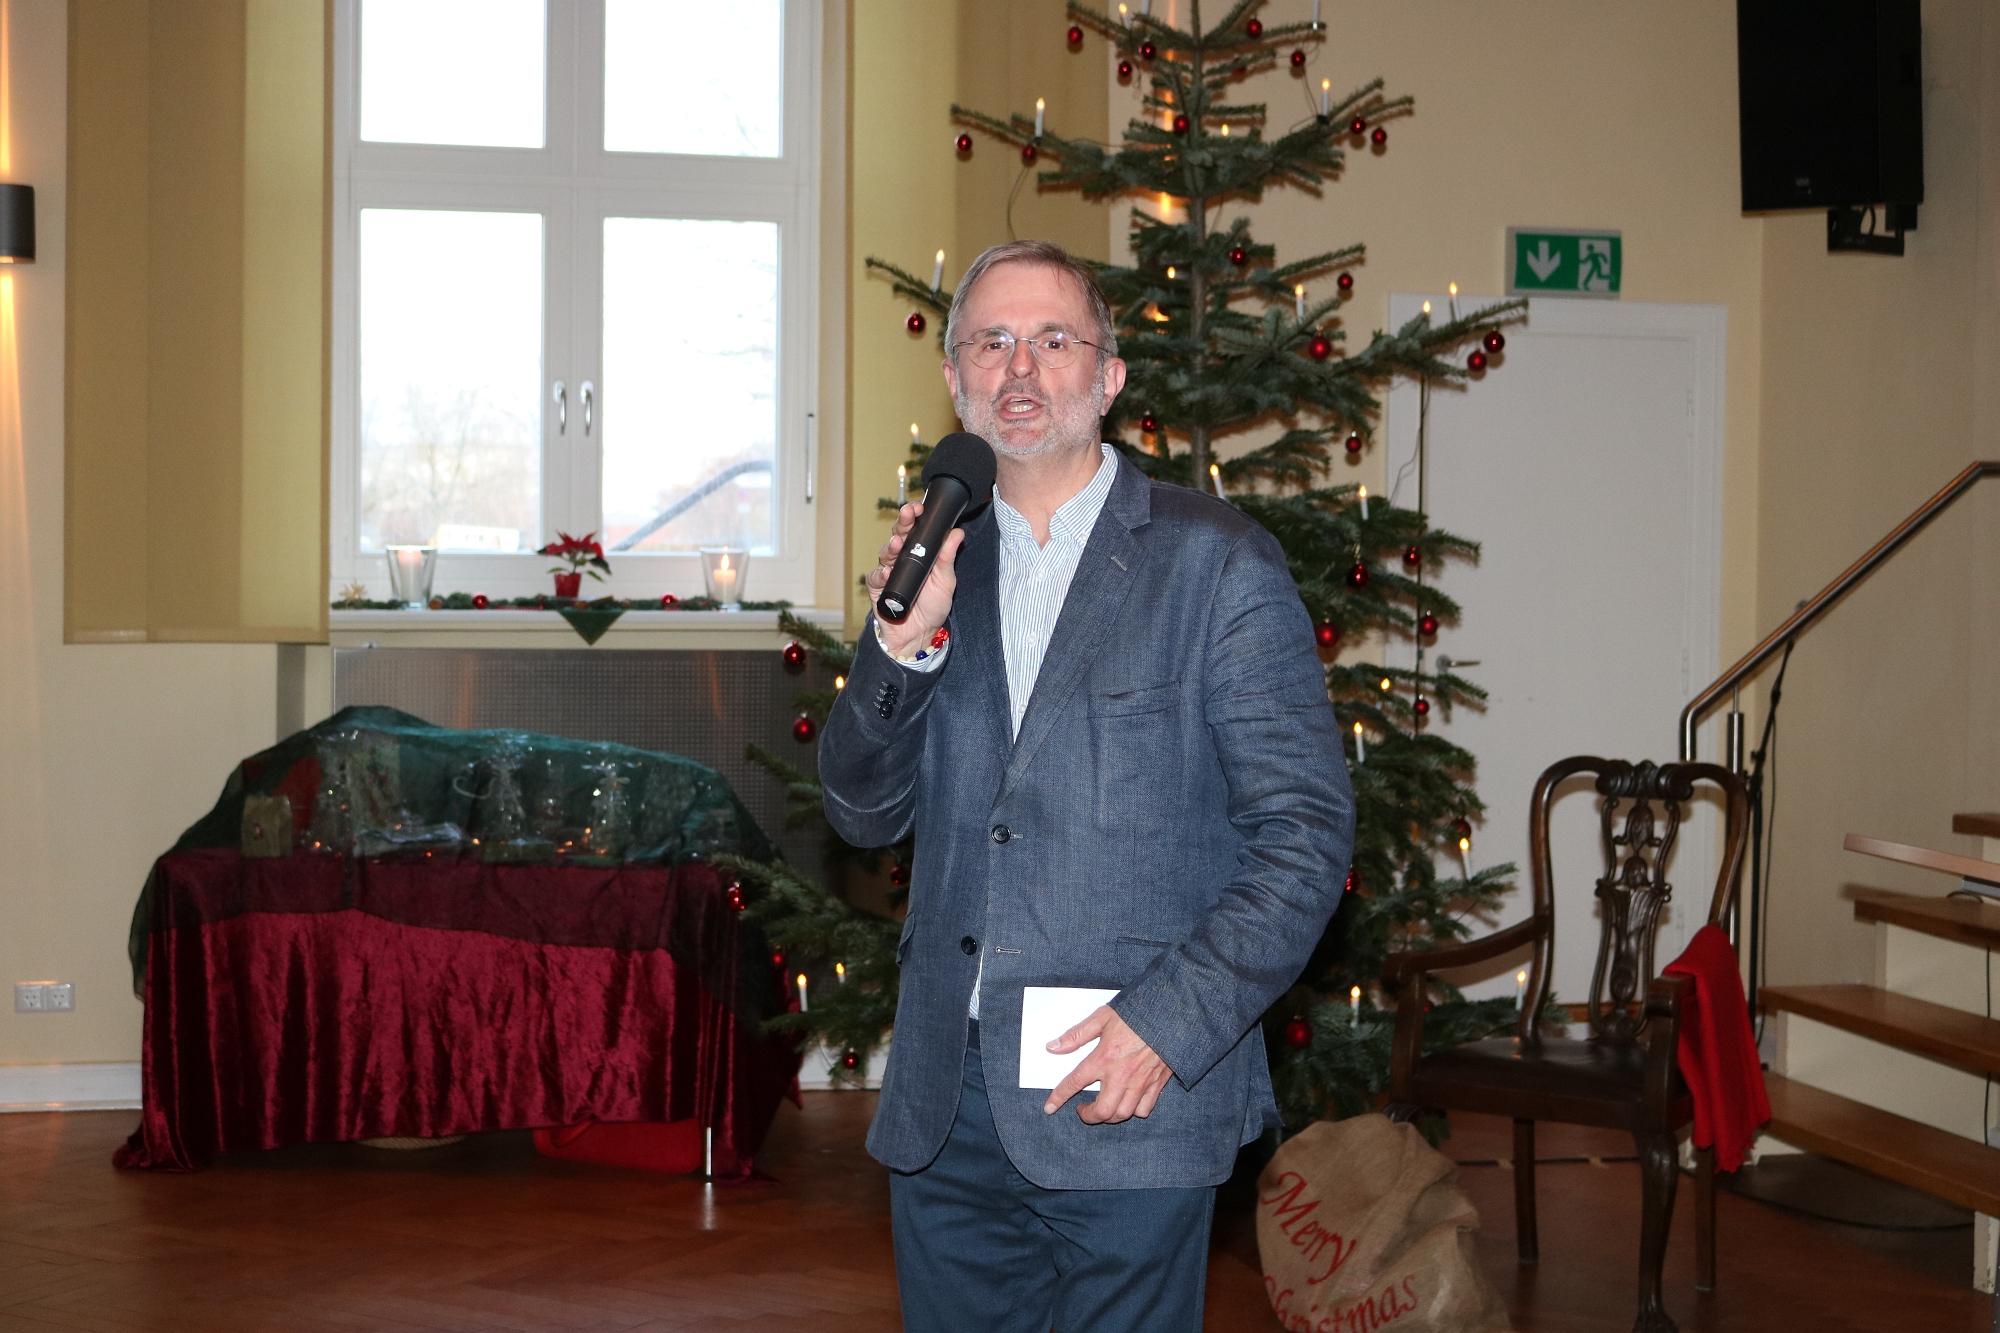 20191213 Senioren-Weihnachtsbacken Gemeinde Leck 9